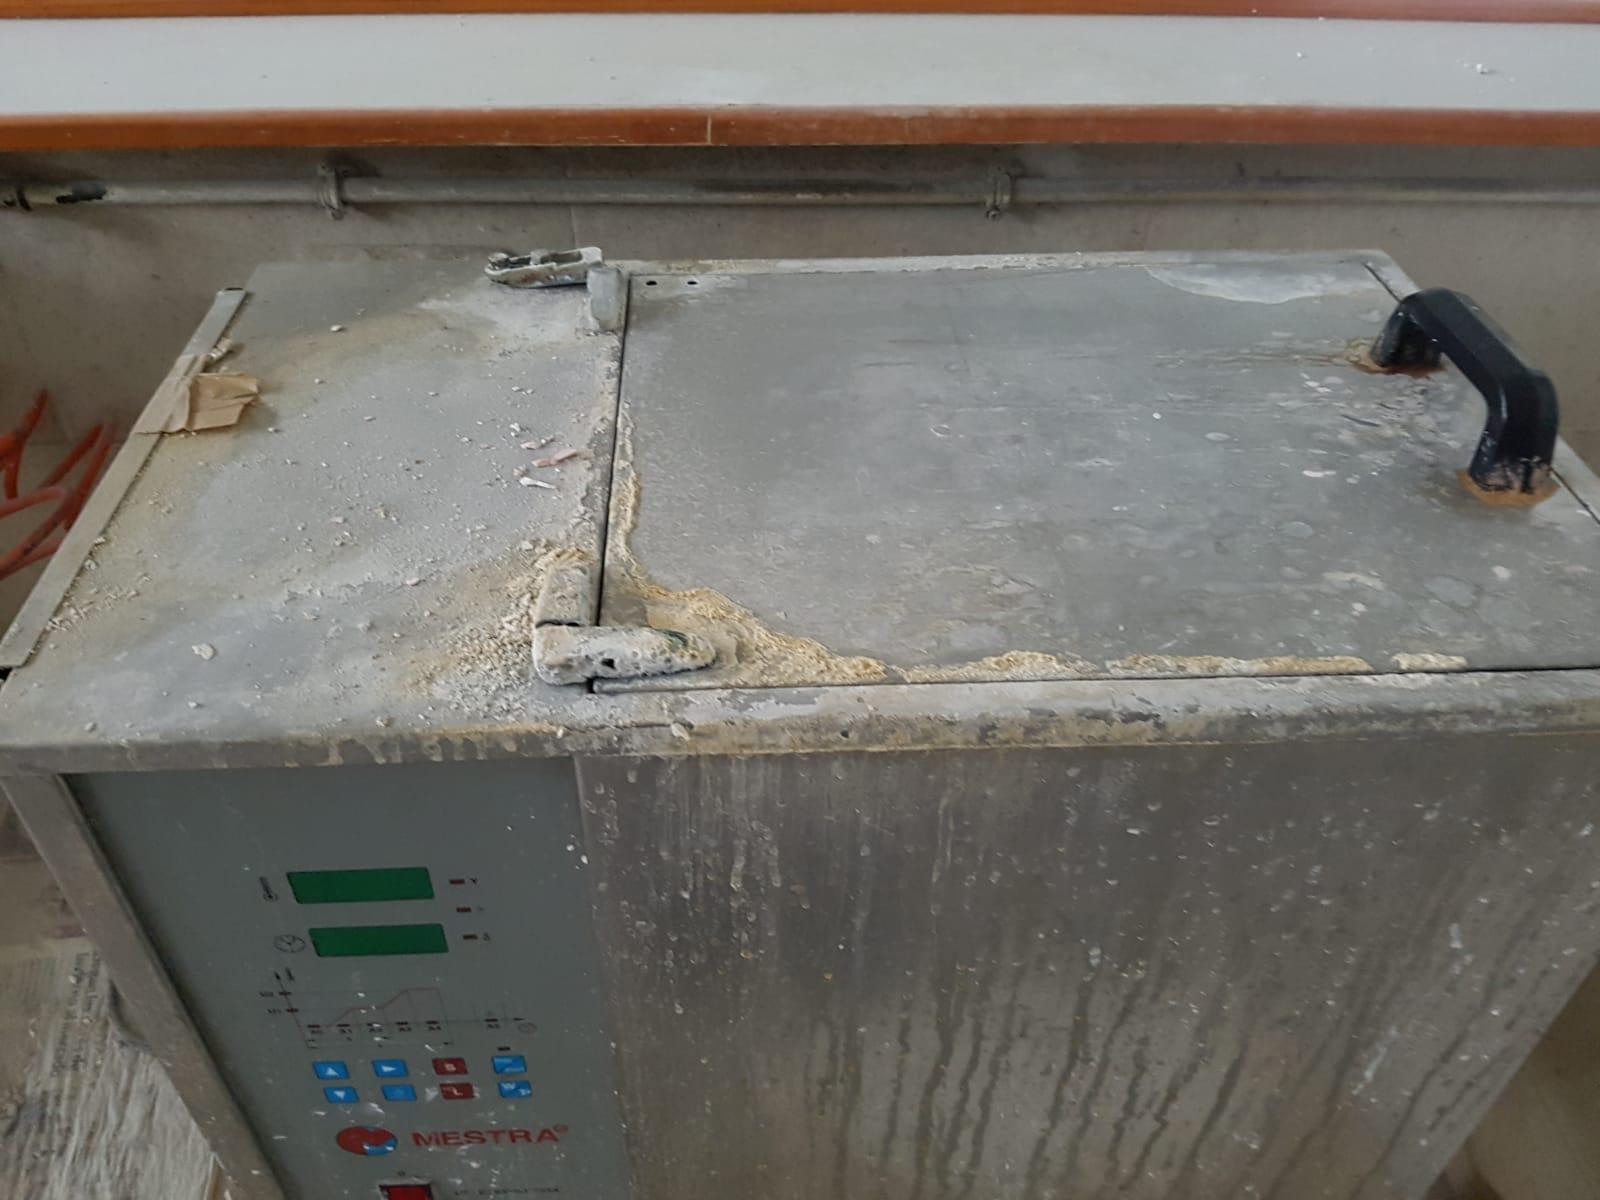 Lavadora sucia 1